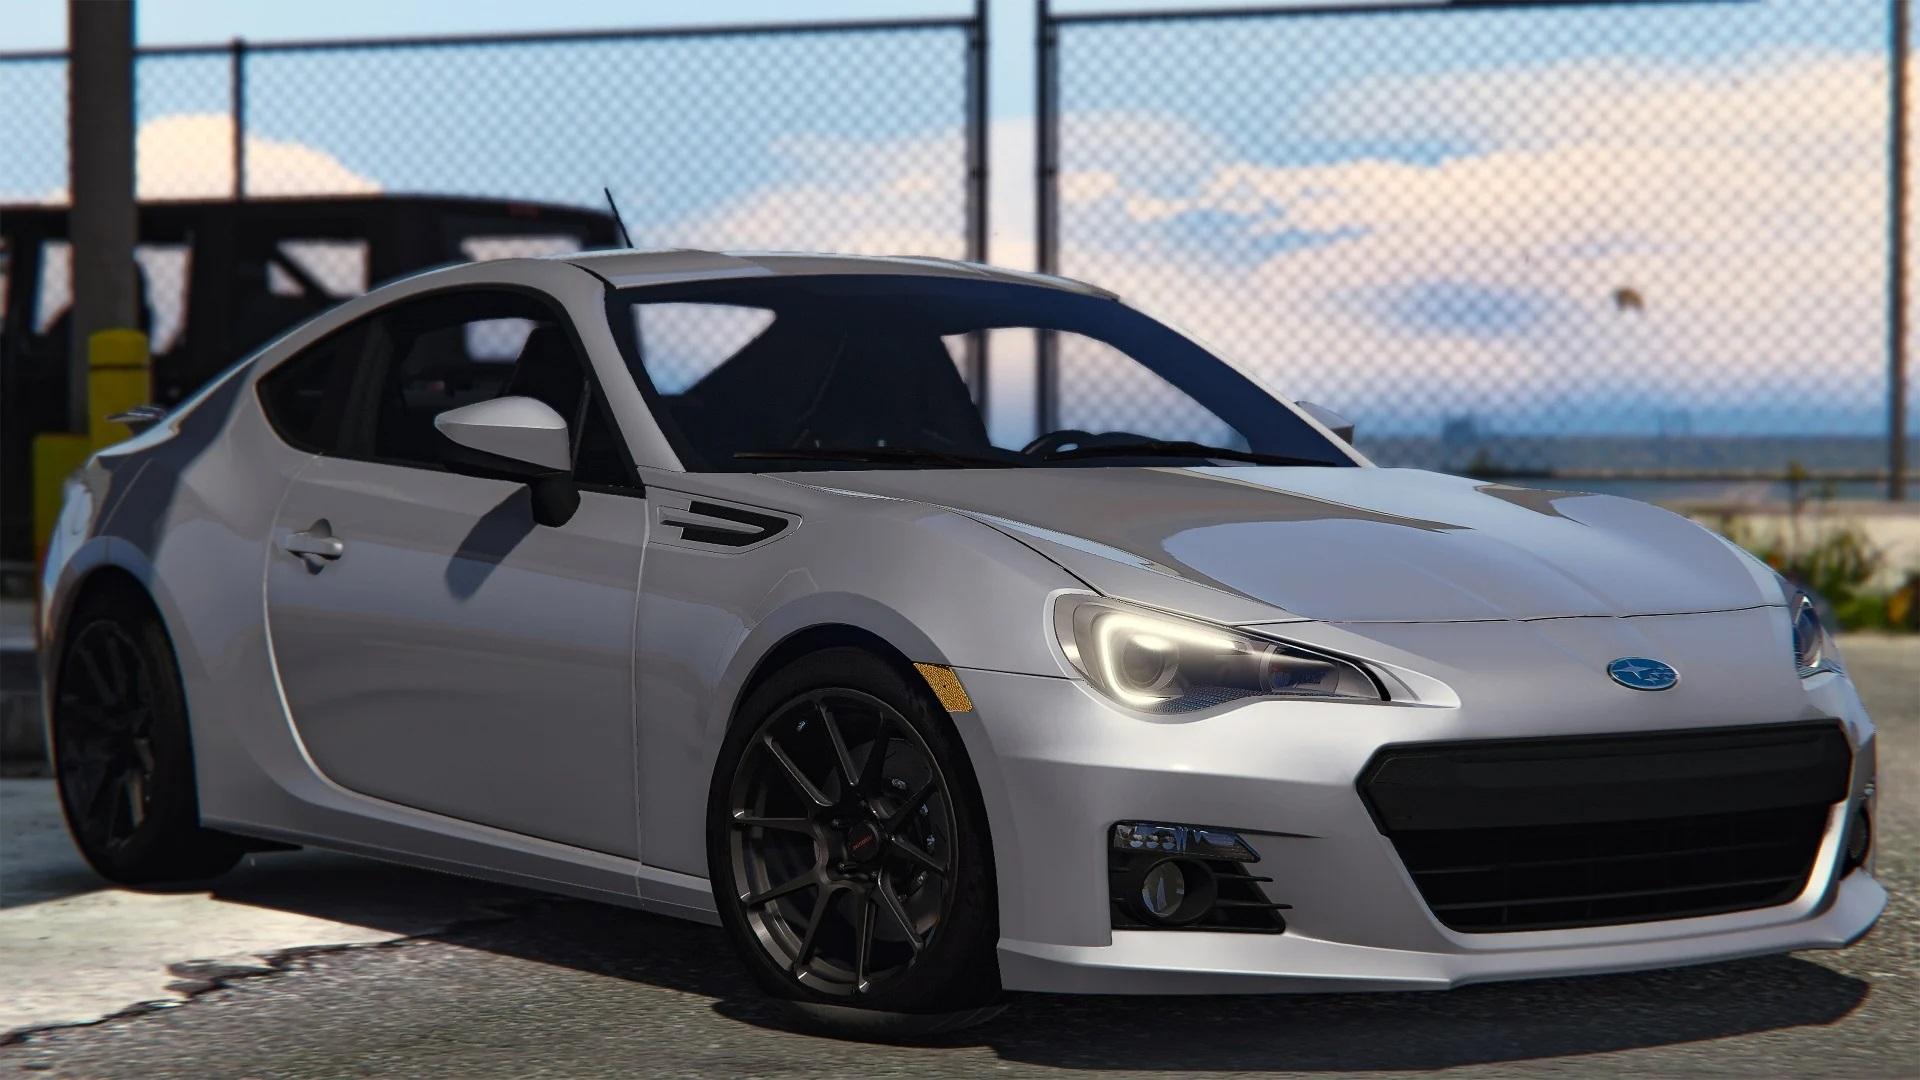 2013 Subaru BRZ [Add-On / FiveM | Template | LODs] 1.1